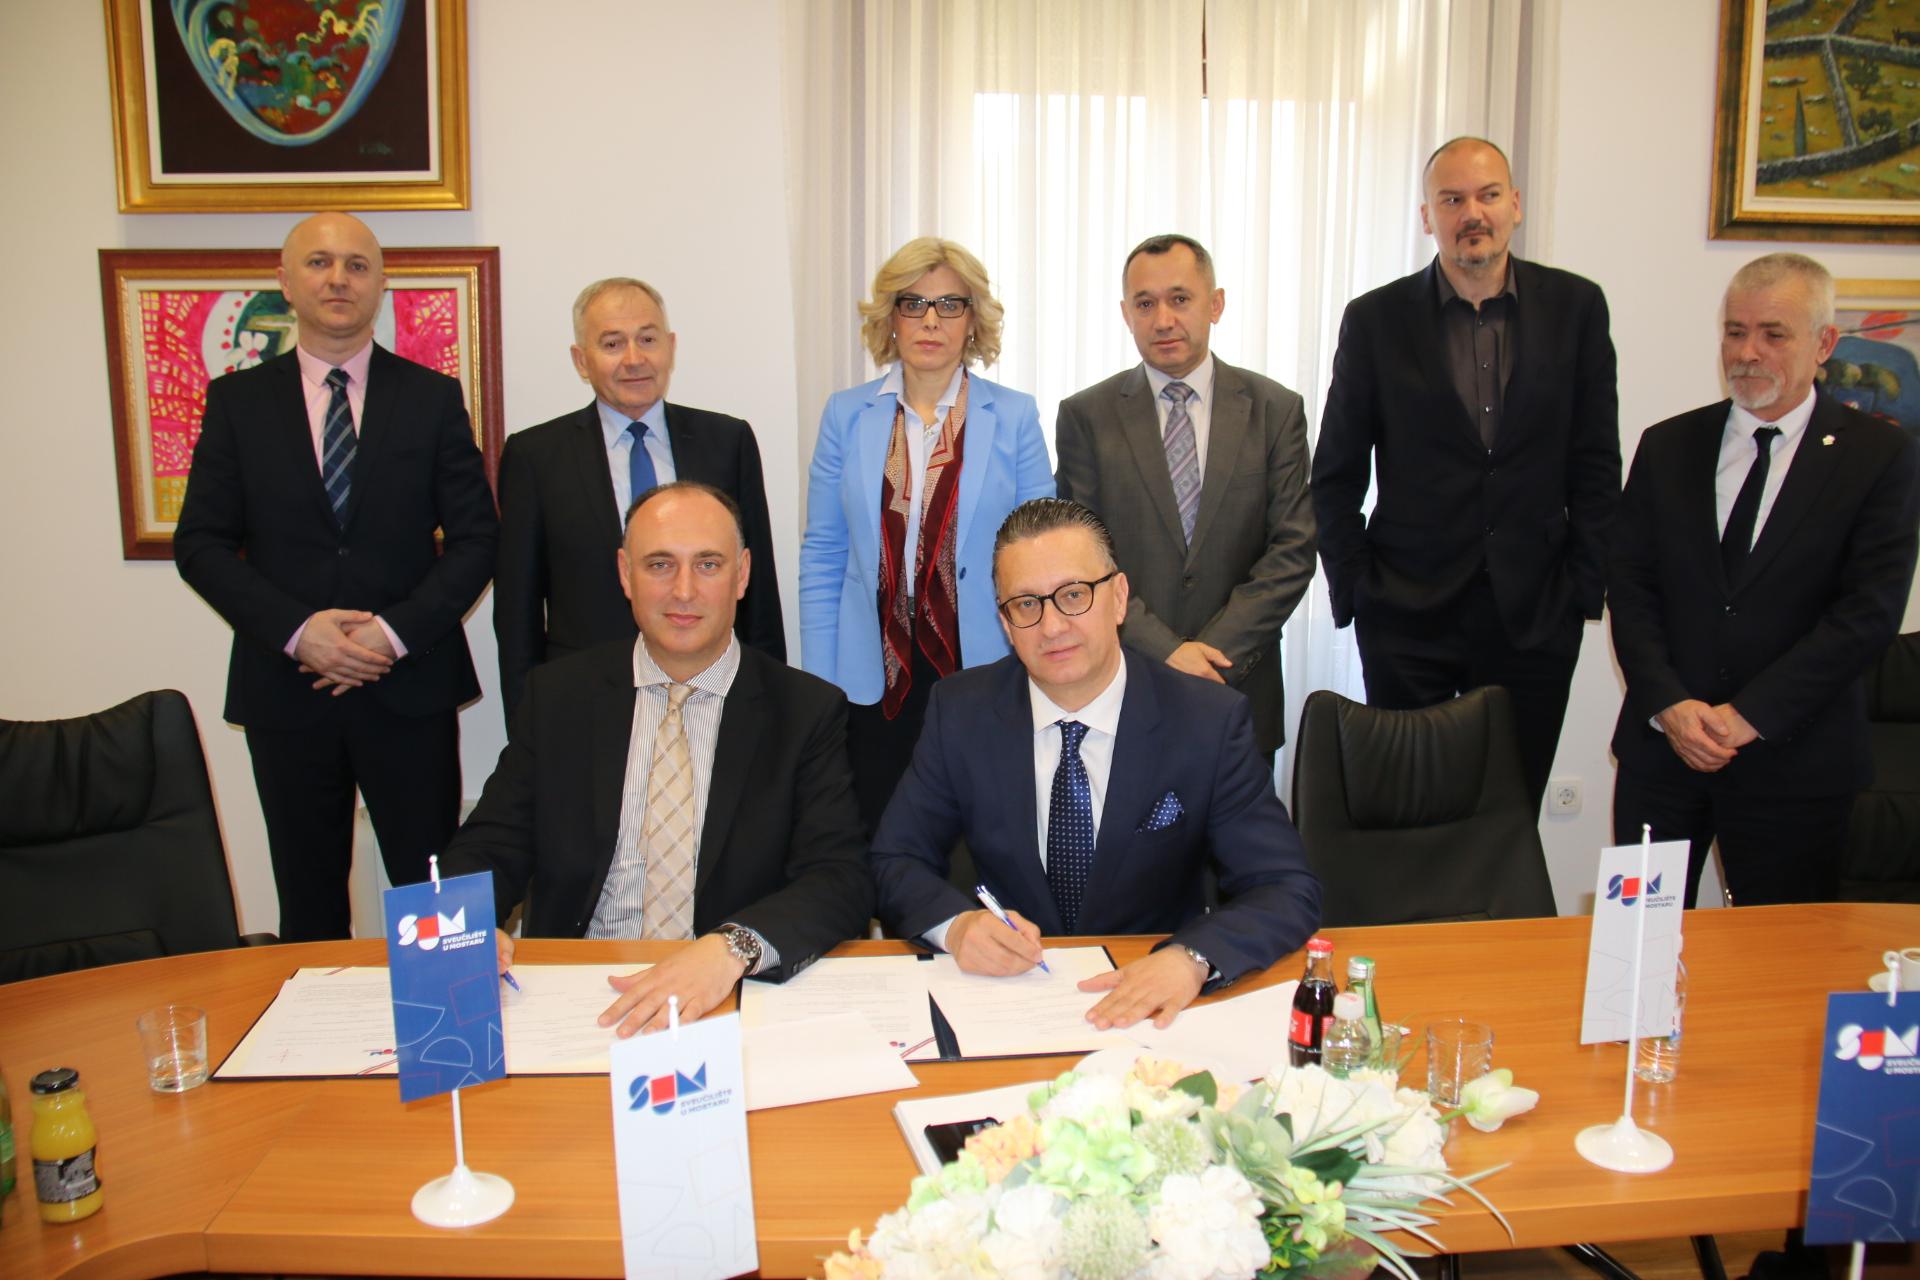 Potpisan sporazum između Sveučilišta u Mostaru i Sveučilišta Sjever